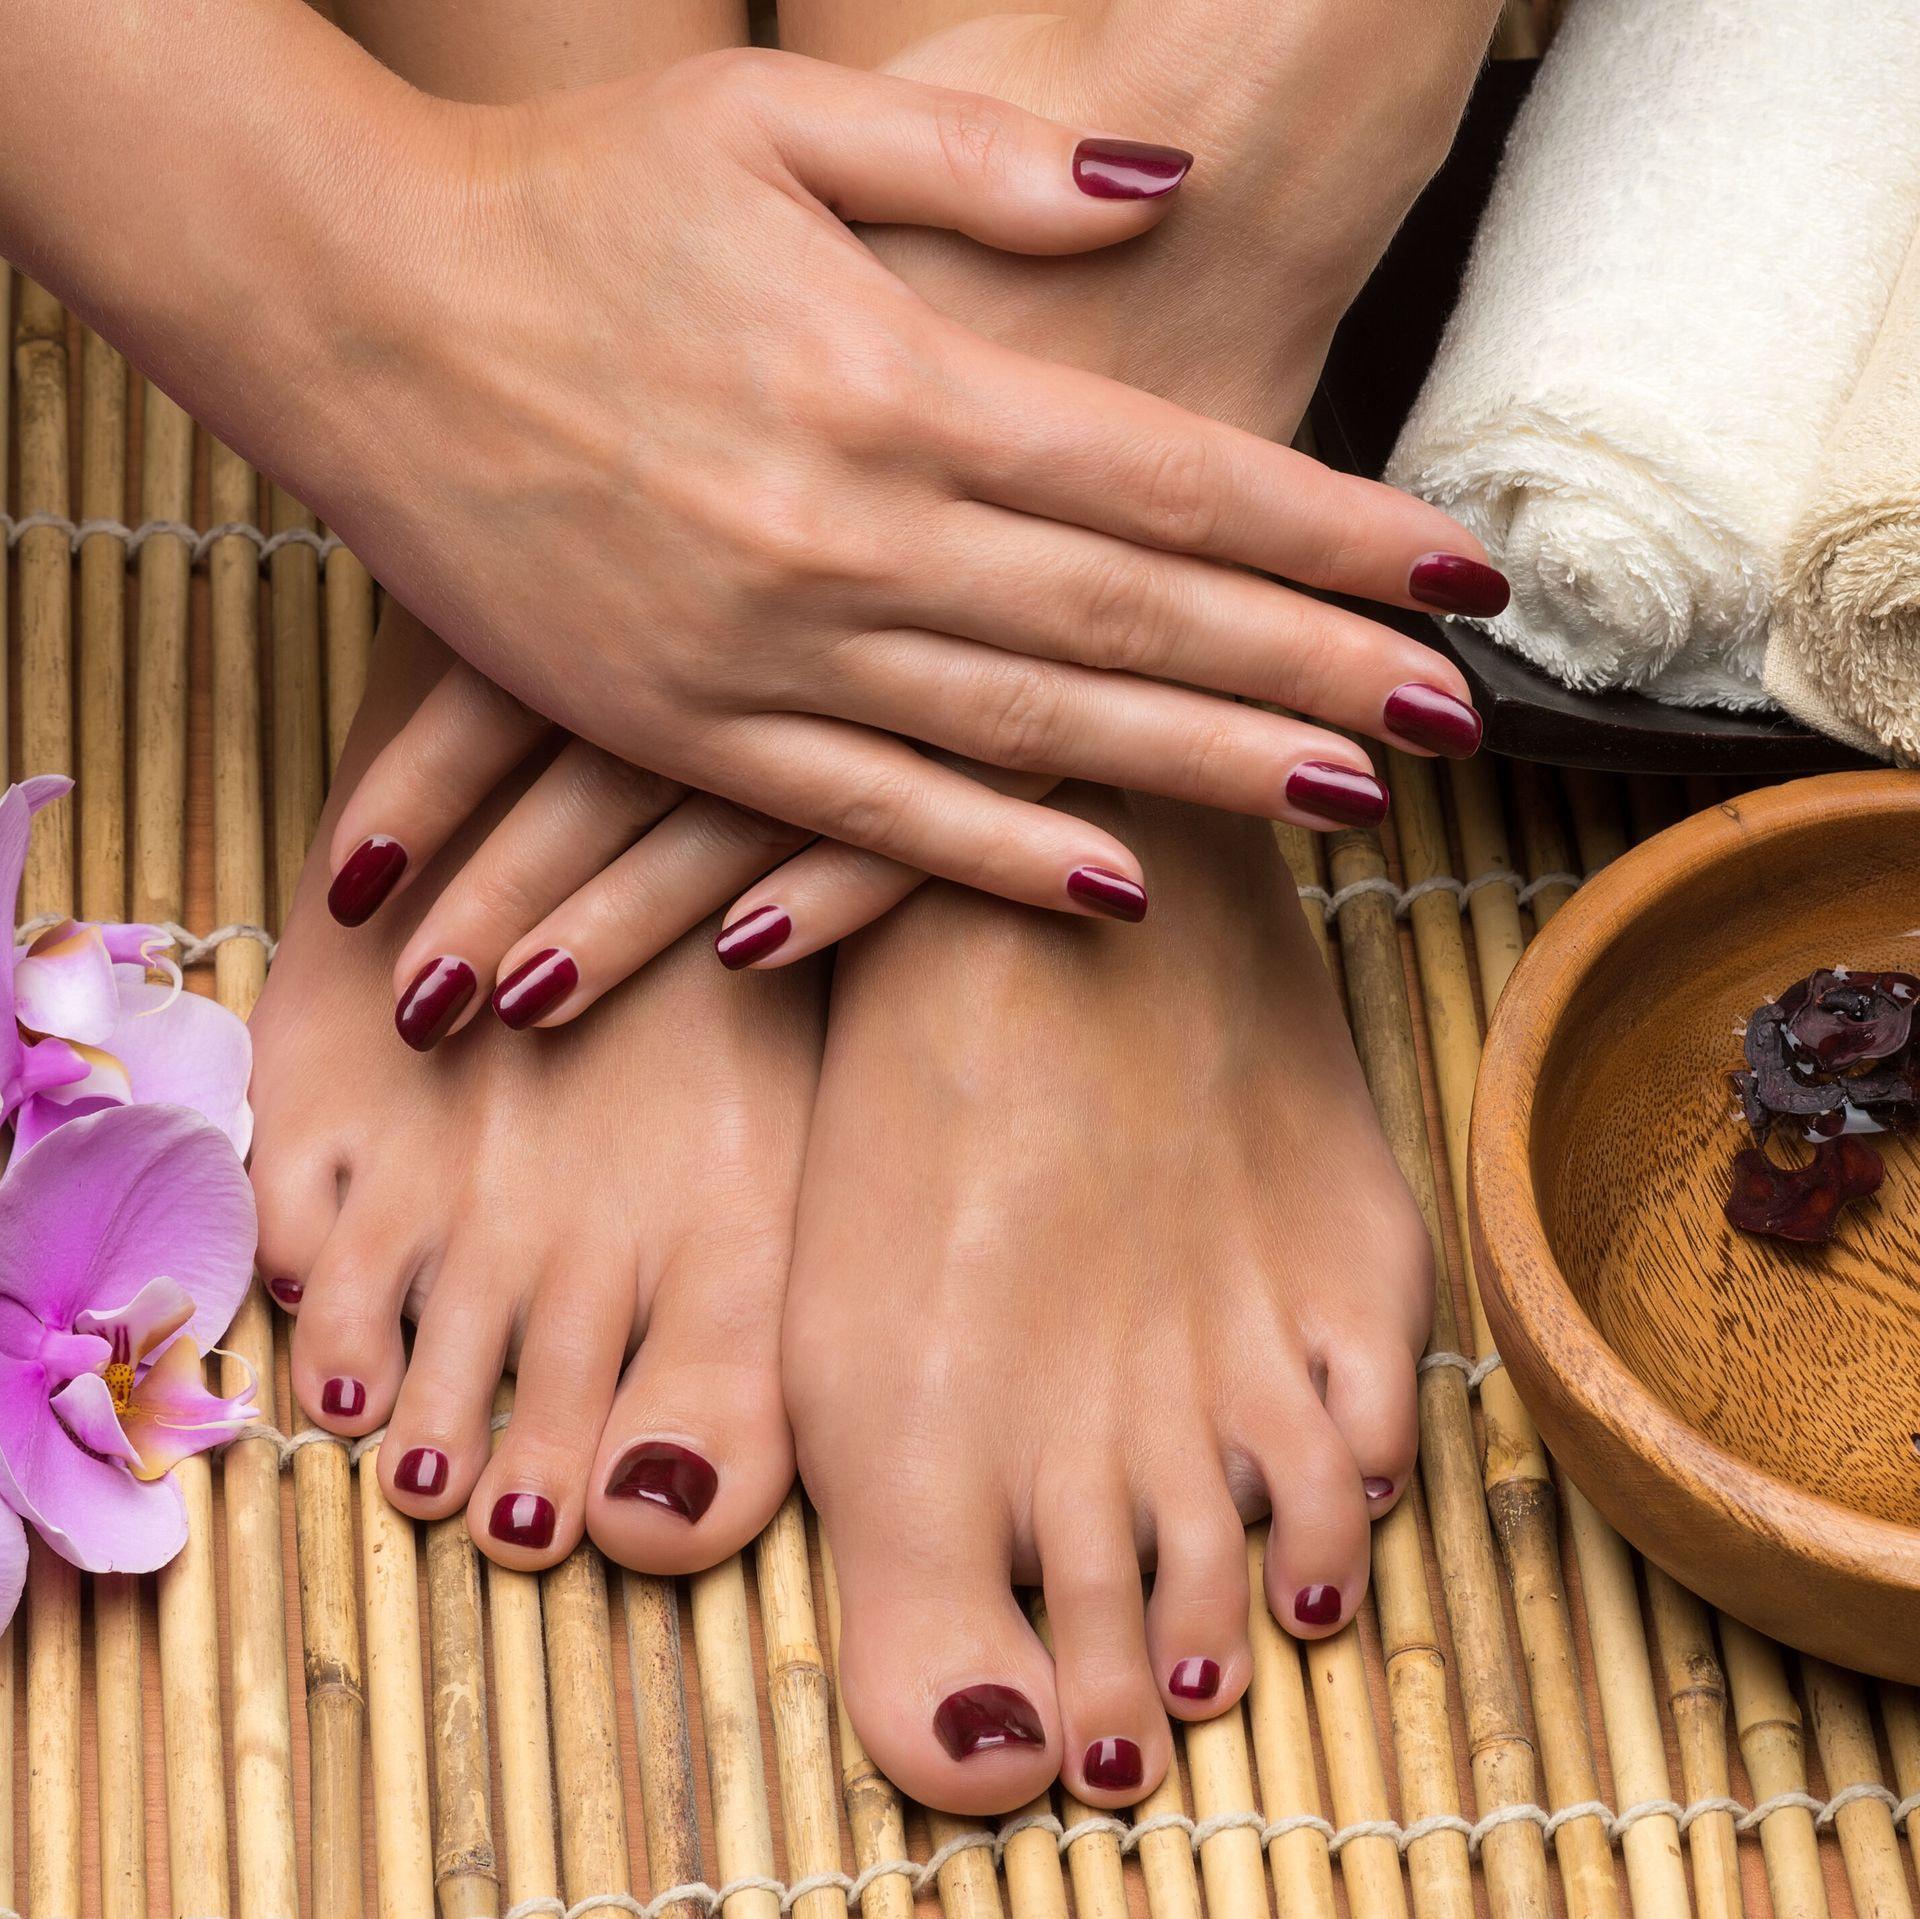 Dolce Vita Estetica.   Il tuo centro estetico a Mogliano Veneto   Scopri tutti i nostri trattamenti per la salute e la bellezza delle tue mani